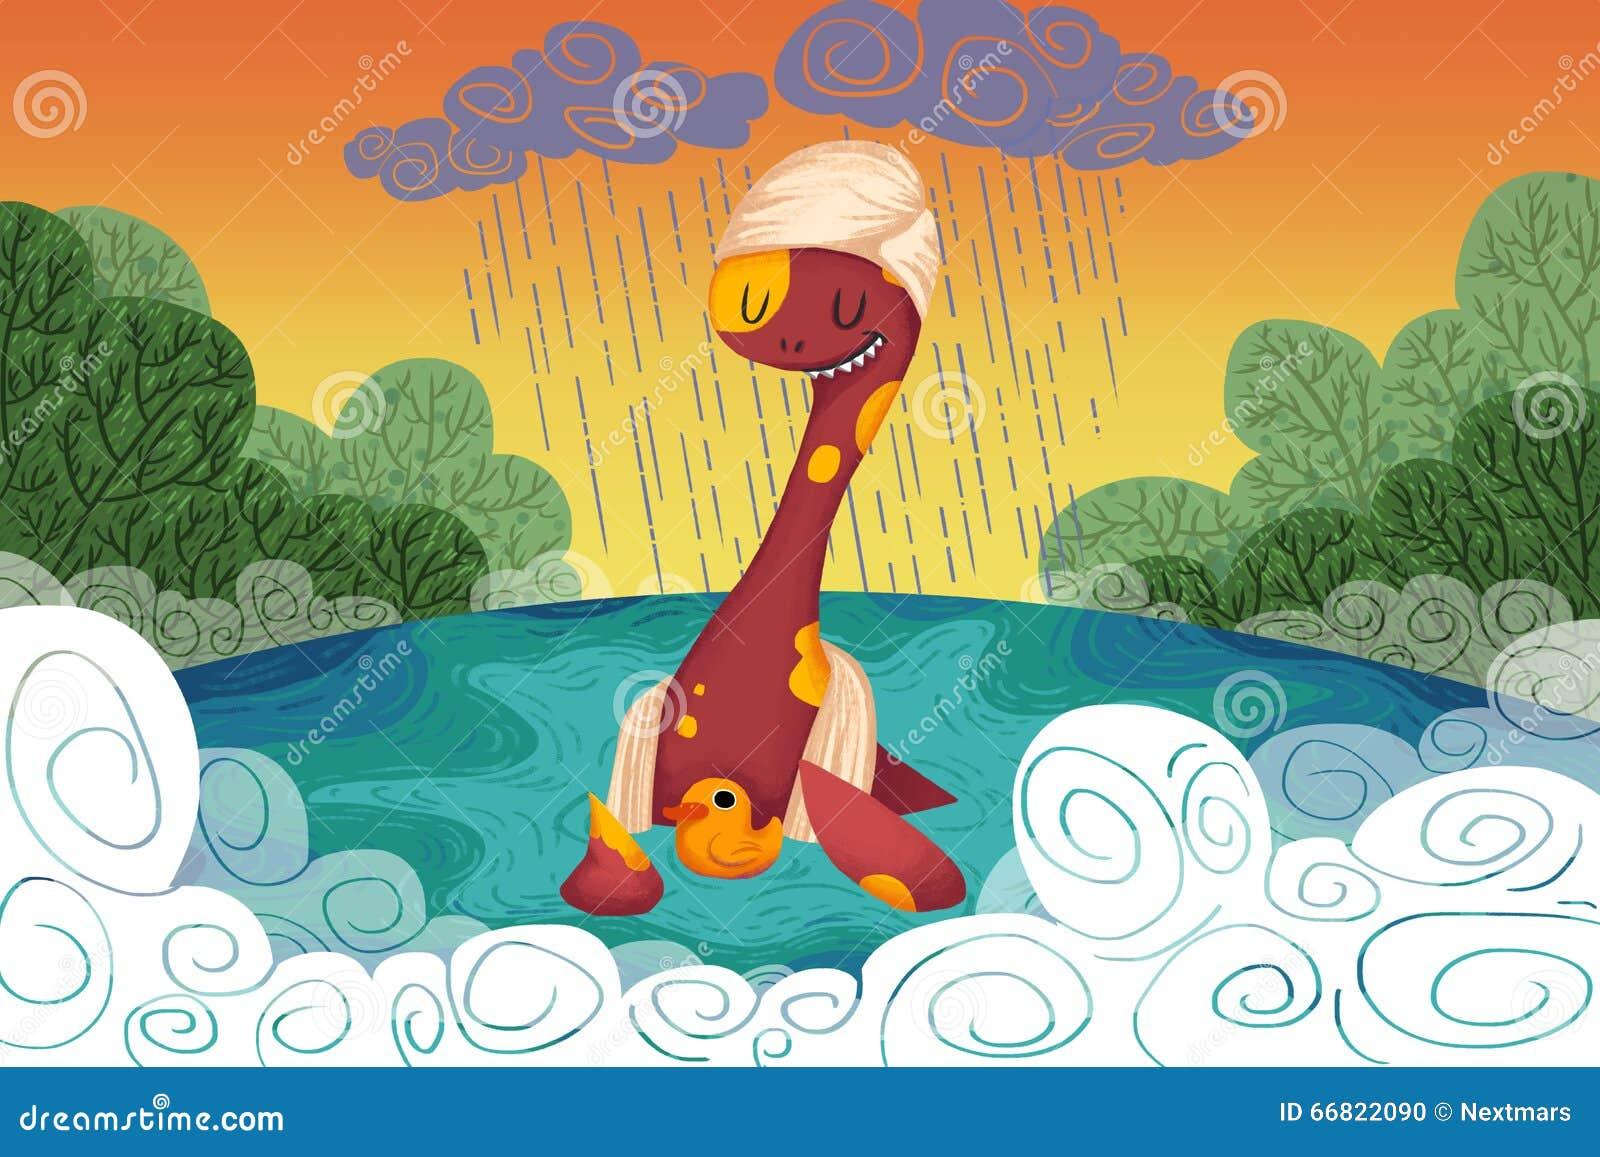 Ilustracja dla dzieci: Loch Ness potwór Zapewnia Żółtej kaczki Bezpieczna przystań Gdy Ja Pada